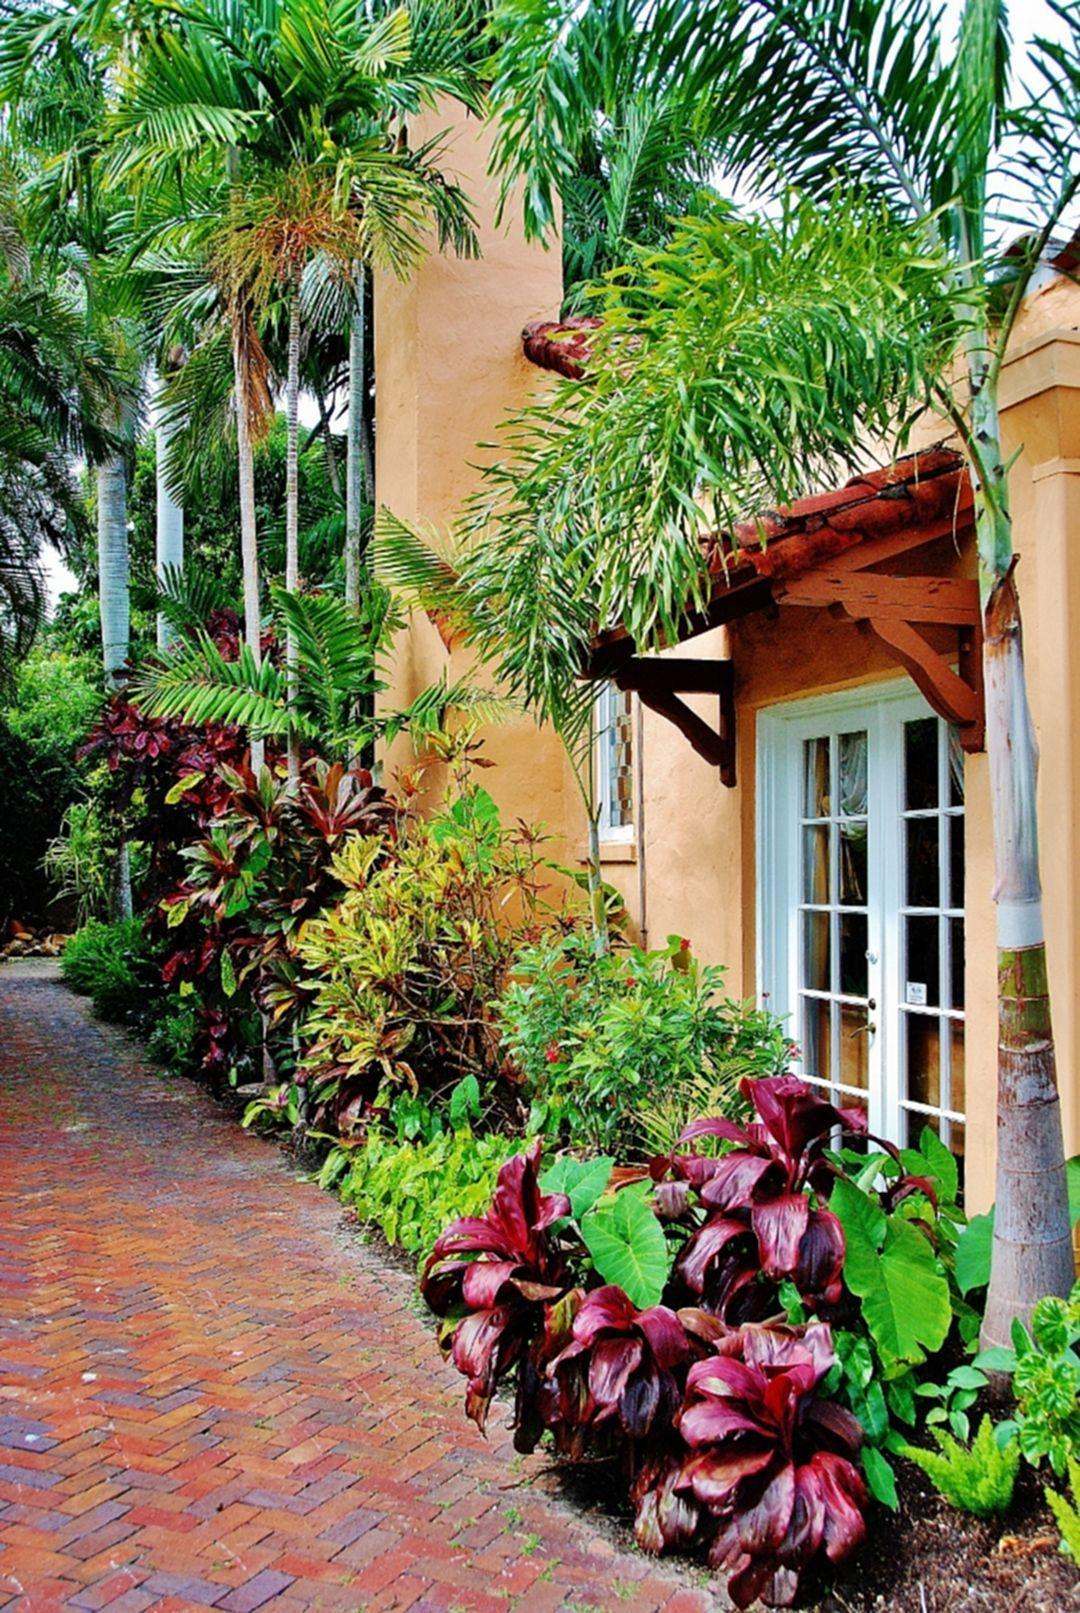 Tropica Landschaftsbau 1315 -  25+ perfekte tropische Landschaftsgestaltung Ideen, um Ihren eigenen schönen Garten zu machen –  - #landschaftsbau #tropica #tropischelandschaftsgestaltung